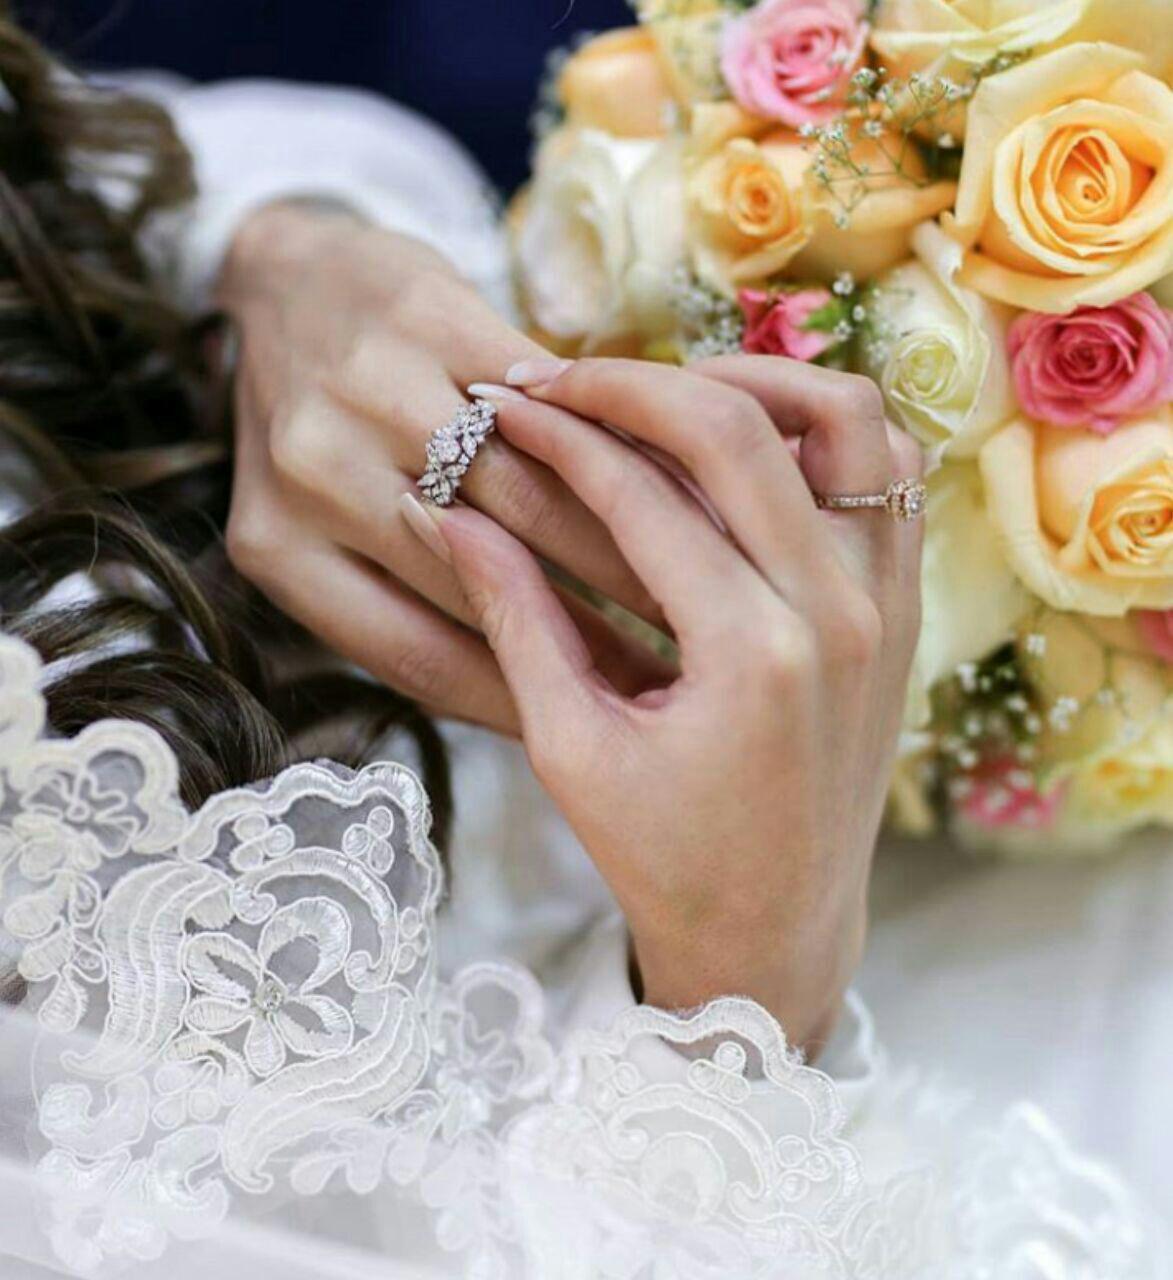 تکست های جدید عاشقانه واسه همسر و نامزدم